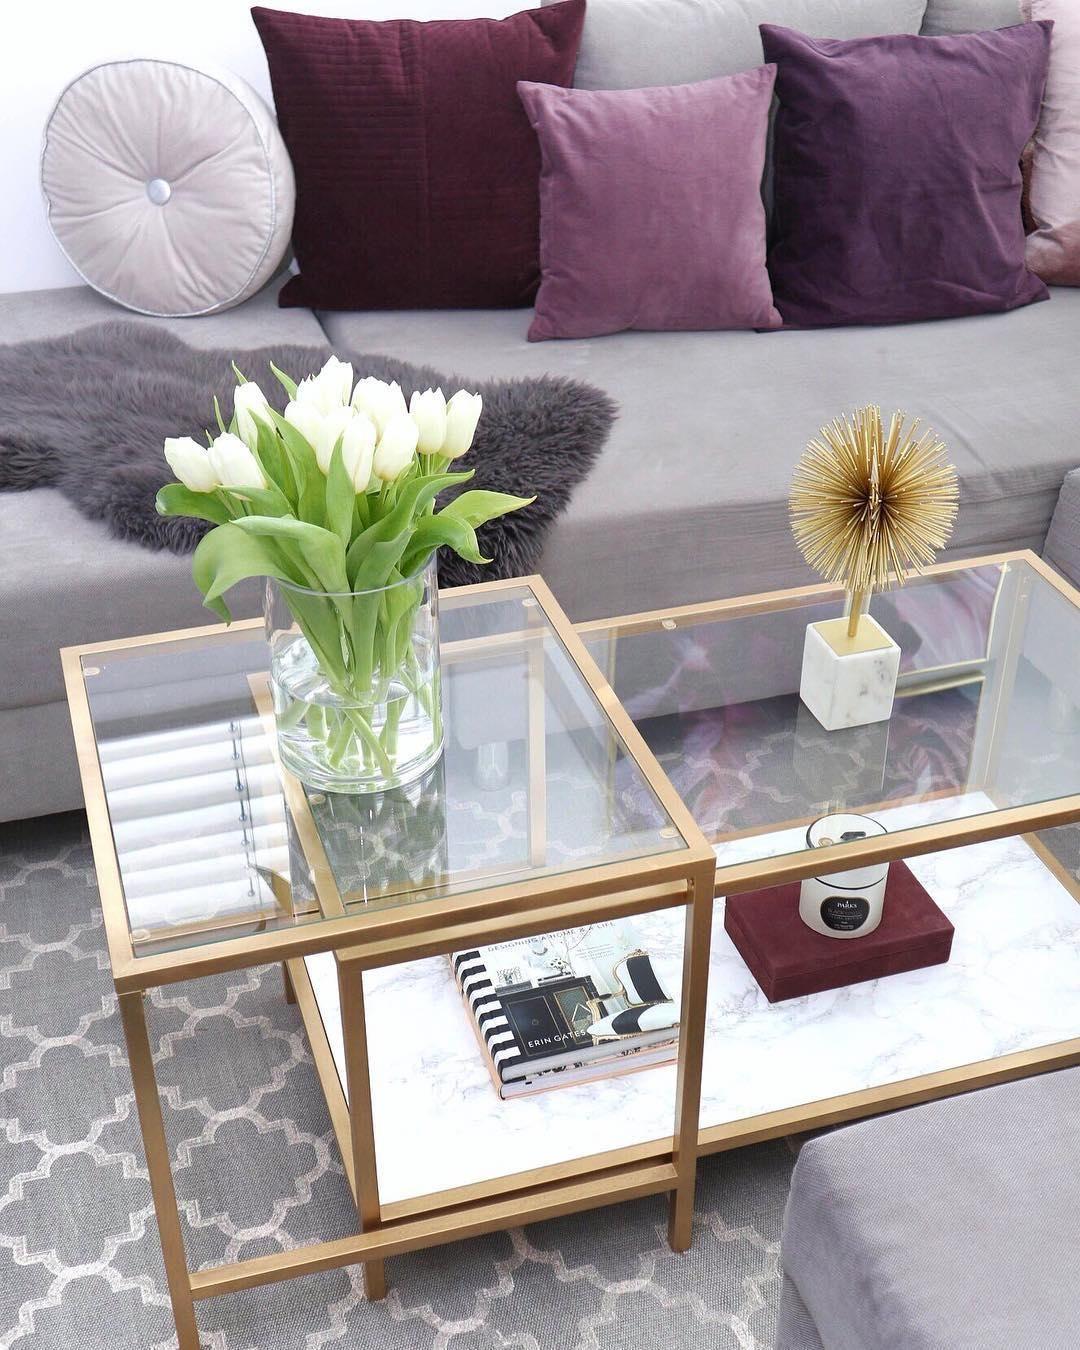 Deko objekt marball wohnaccessoires pinterest for Wohnaccessoires wohnzimmer